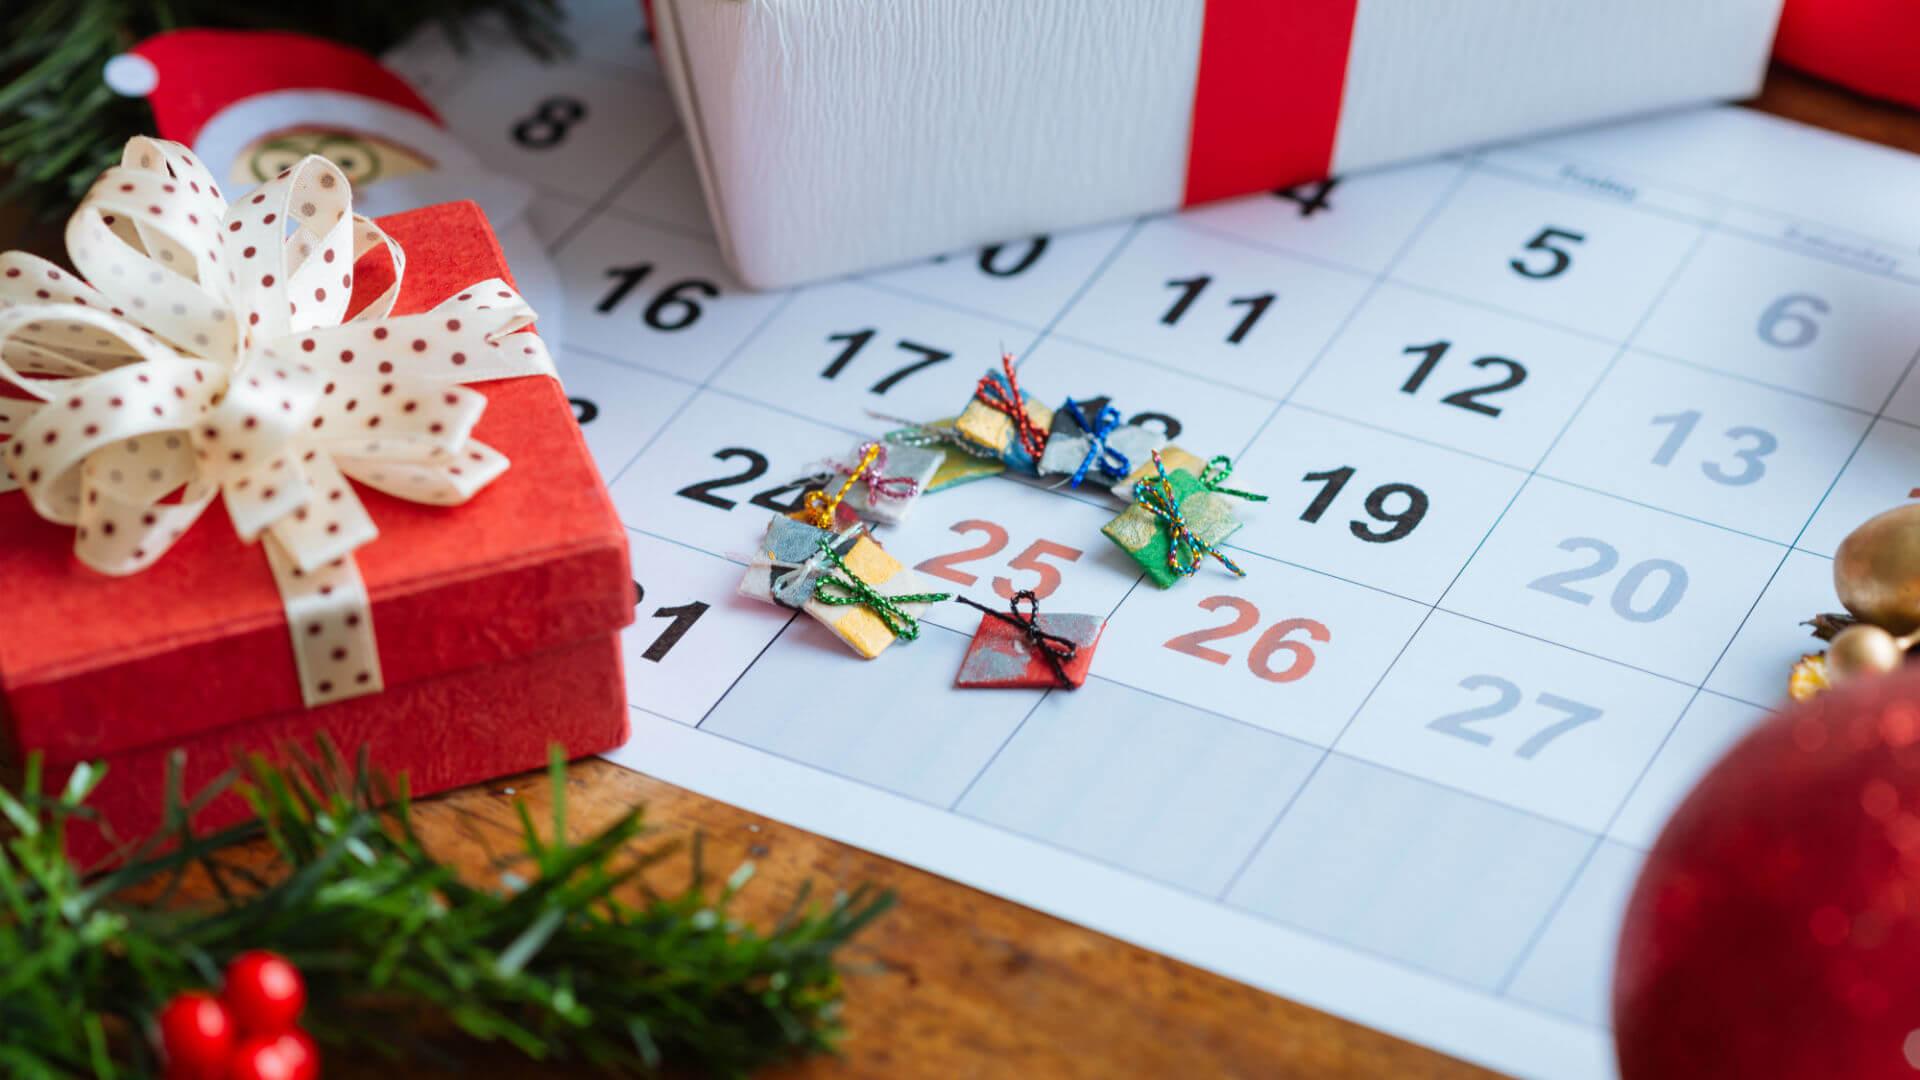 calendario-festivo-navideño-ss-1920